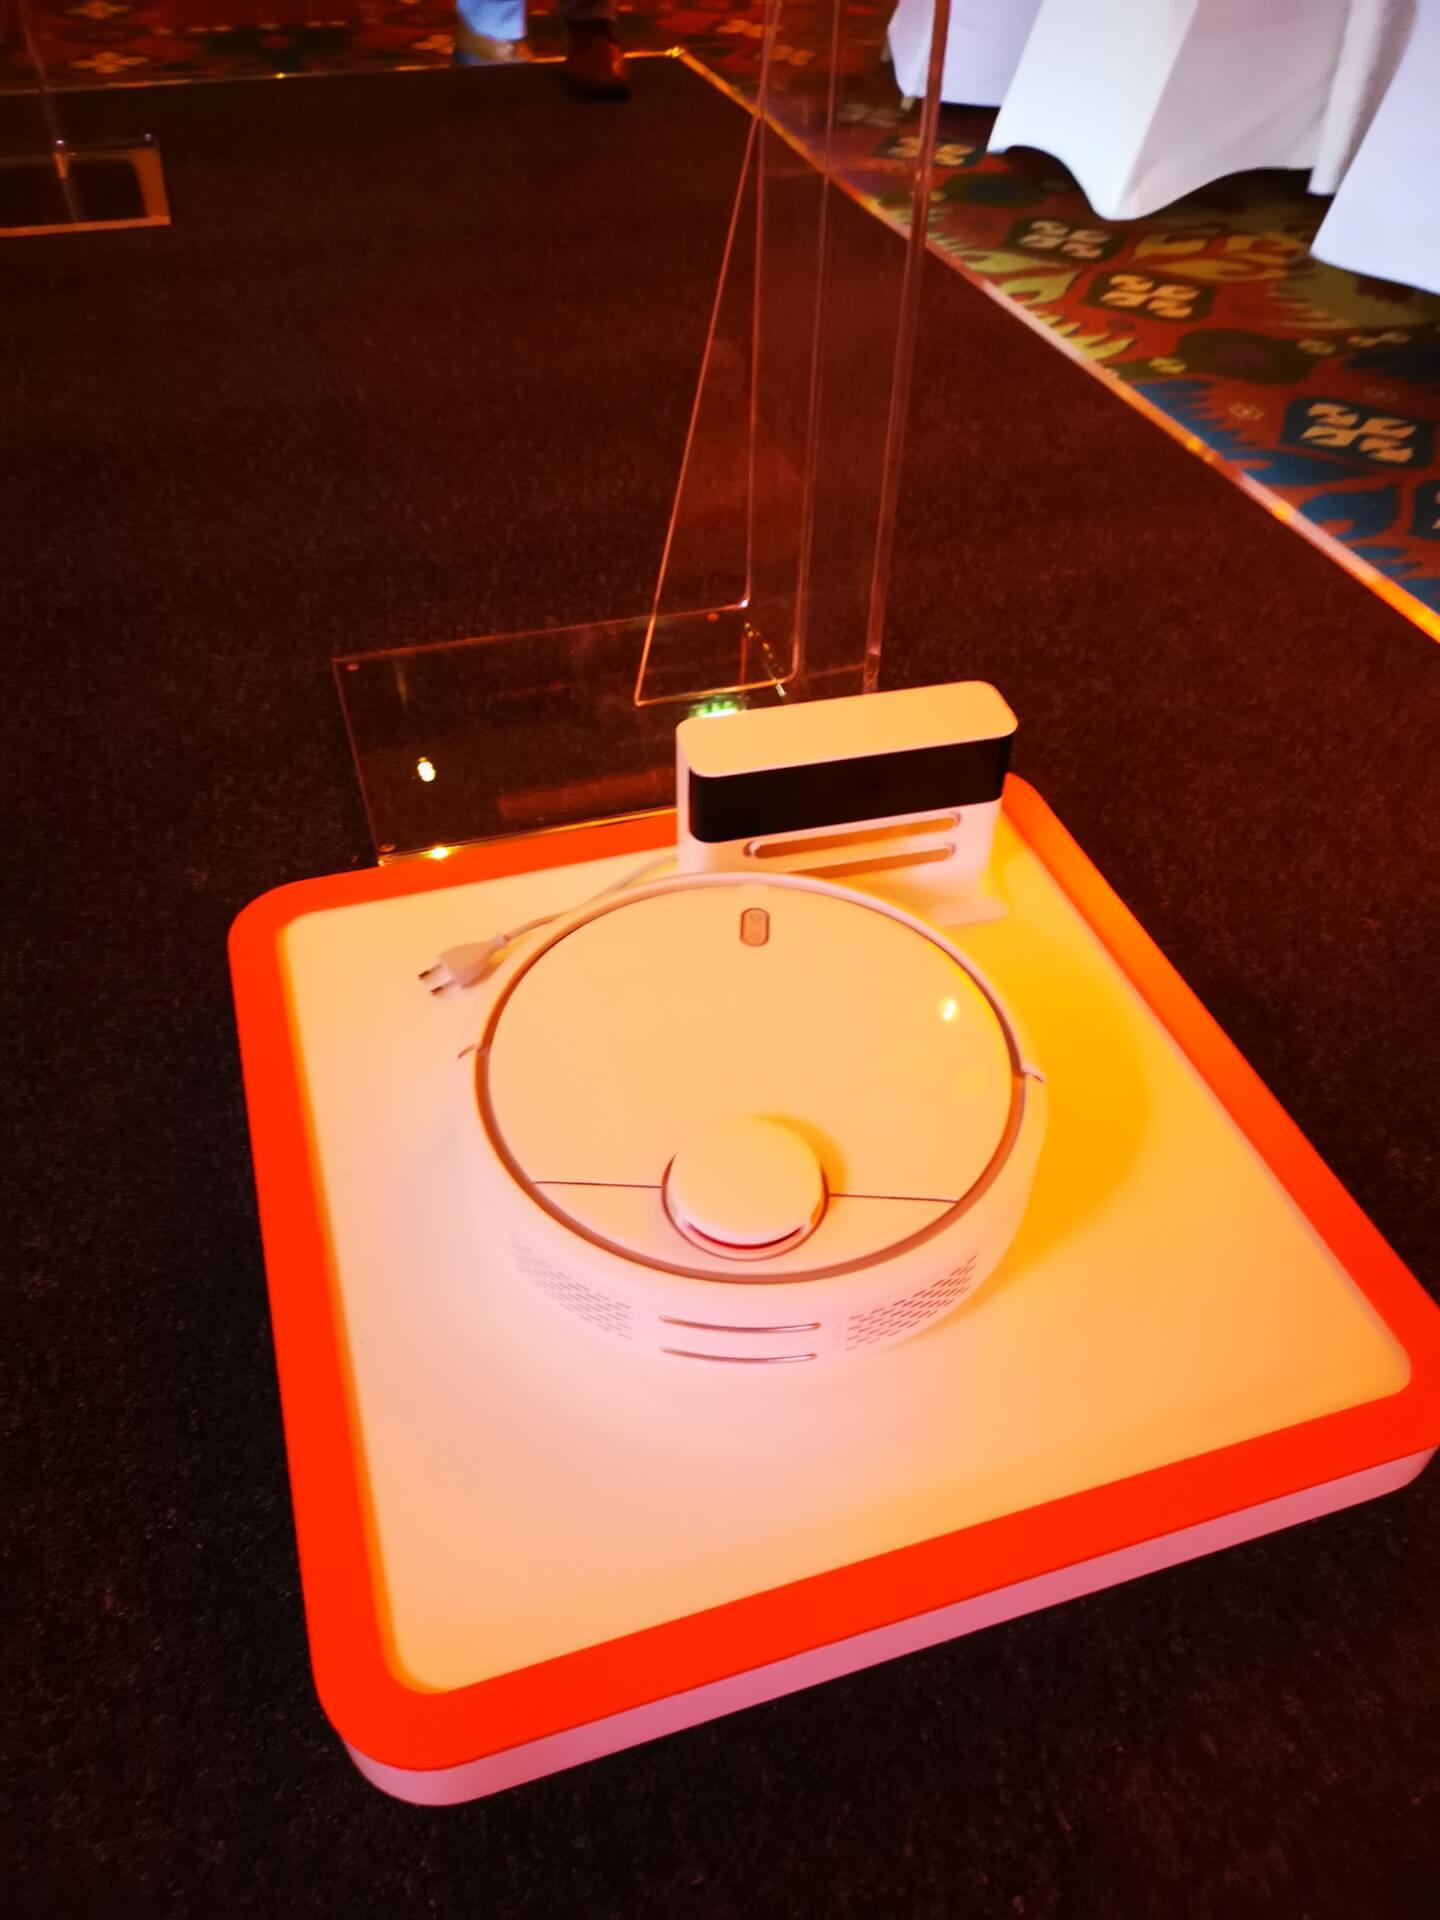 سعر ومواصفات مكنسة Mi Robot Vacuum الذكية